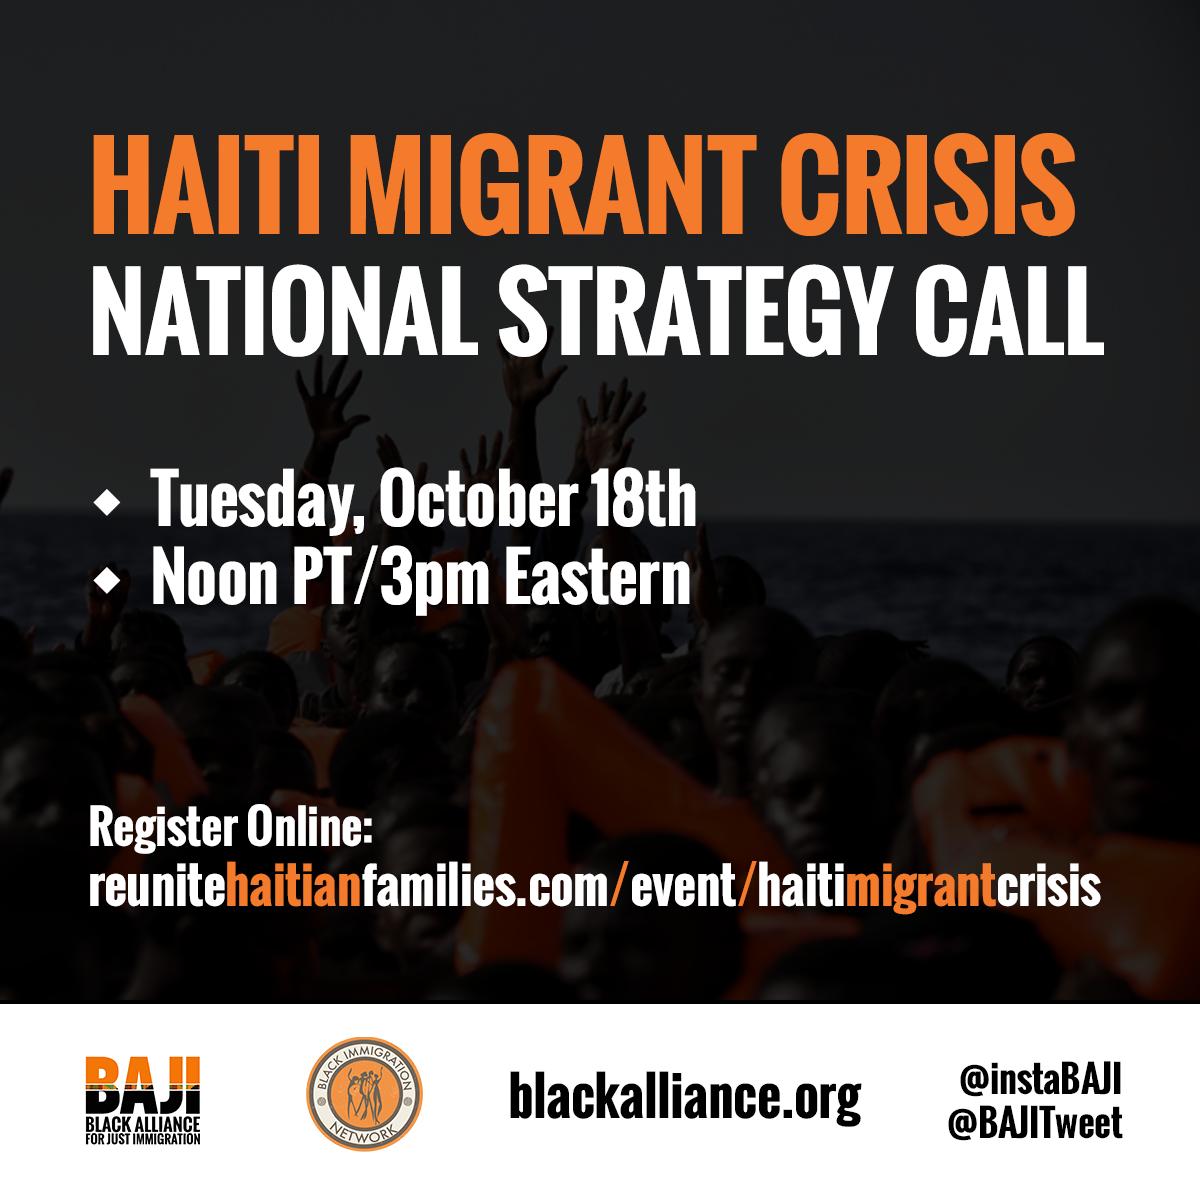 Haiti Migrant Crisis Call - 10/18